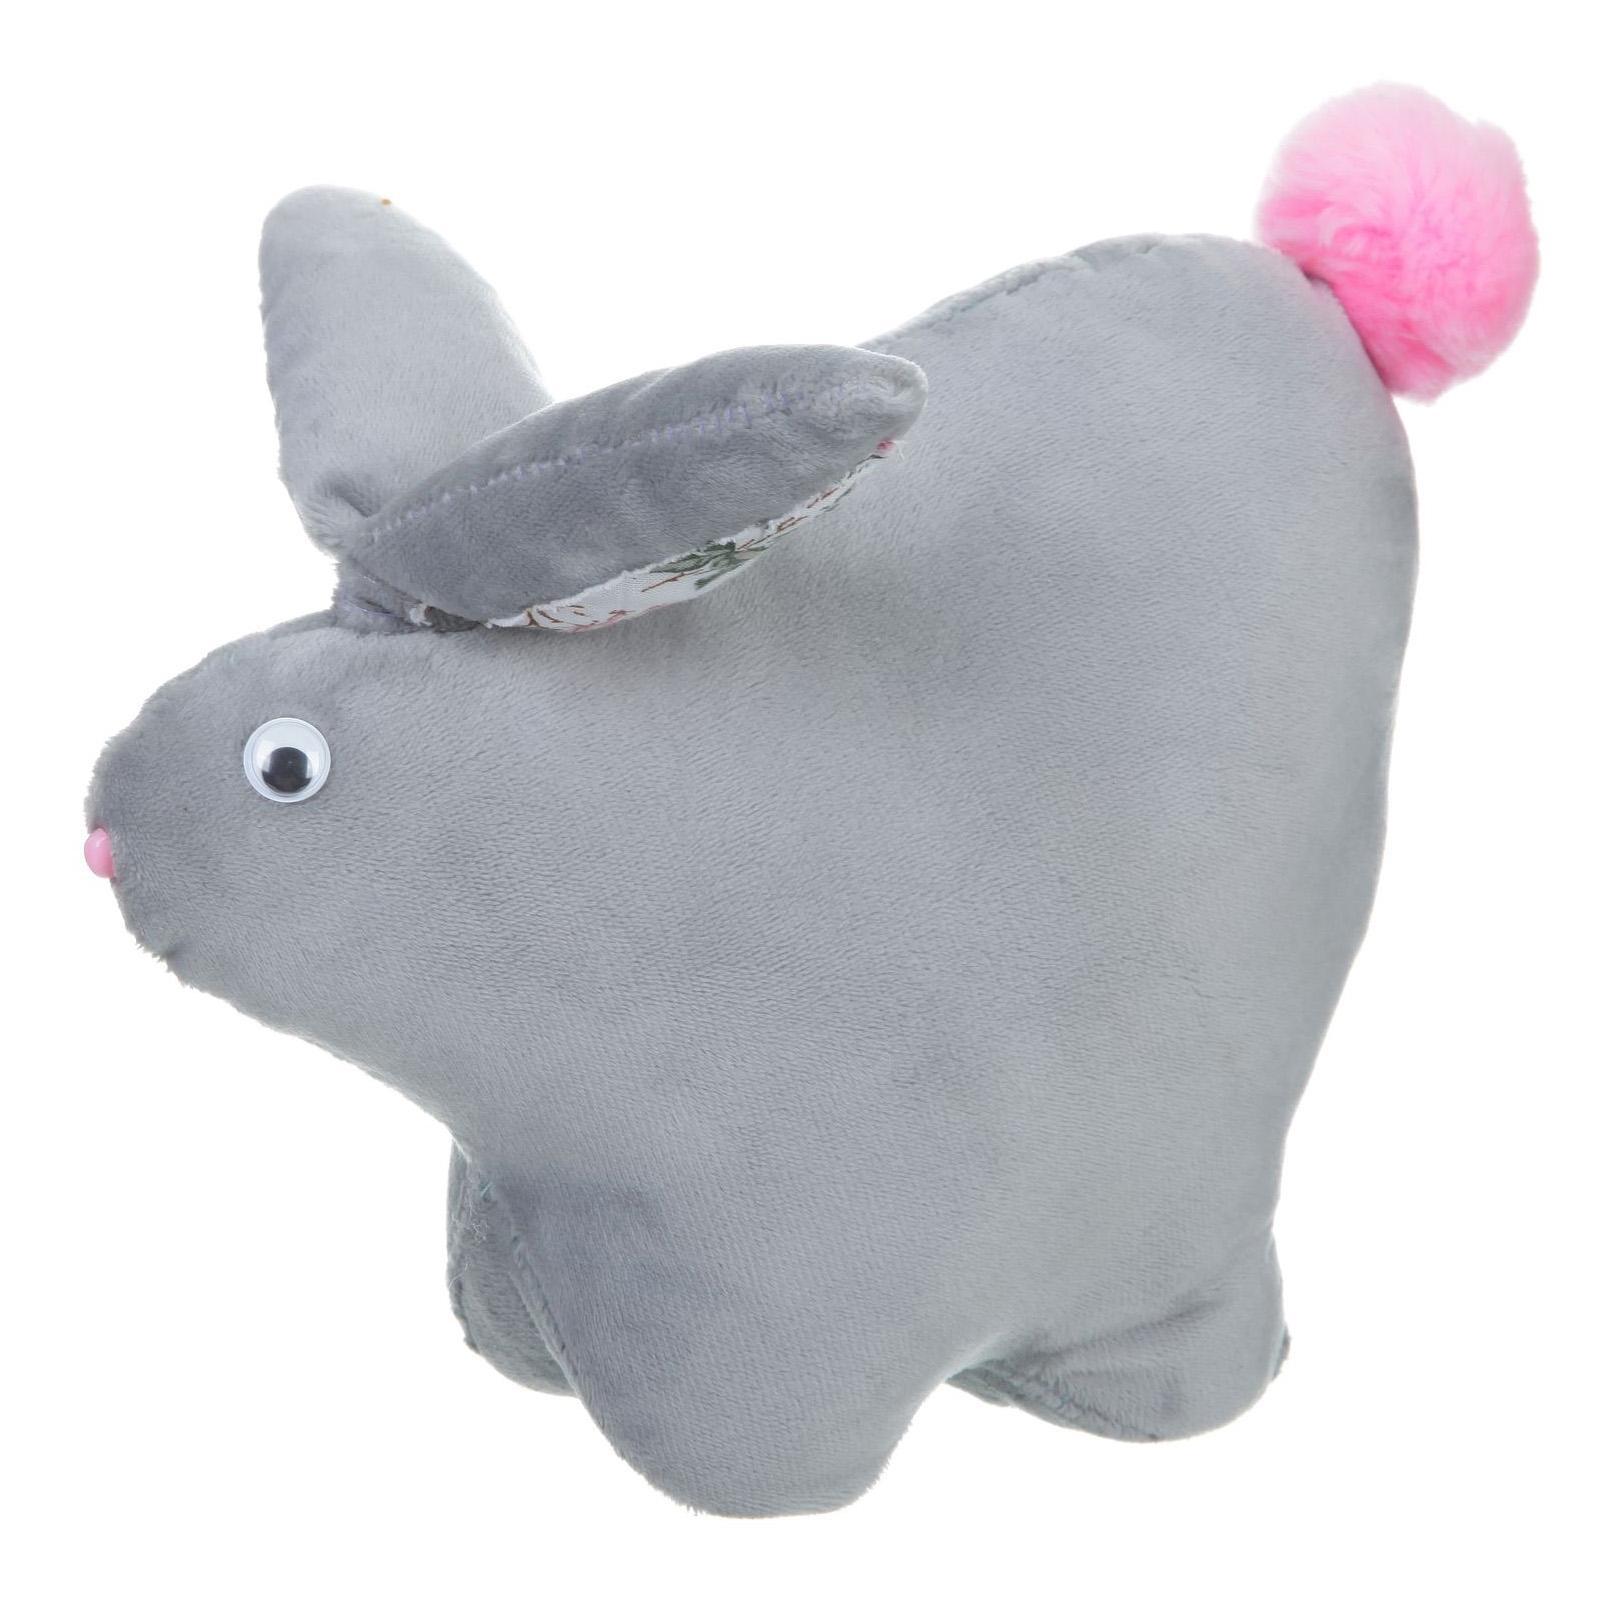 Купить Набор для творчества Bondibon шьем из плюша! игрушка своими руками. кролик, Рукоделие